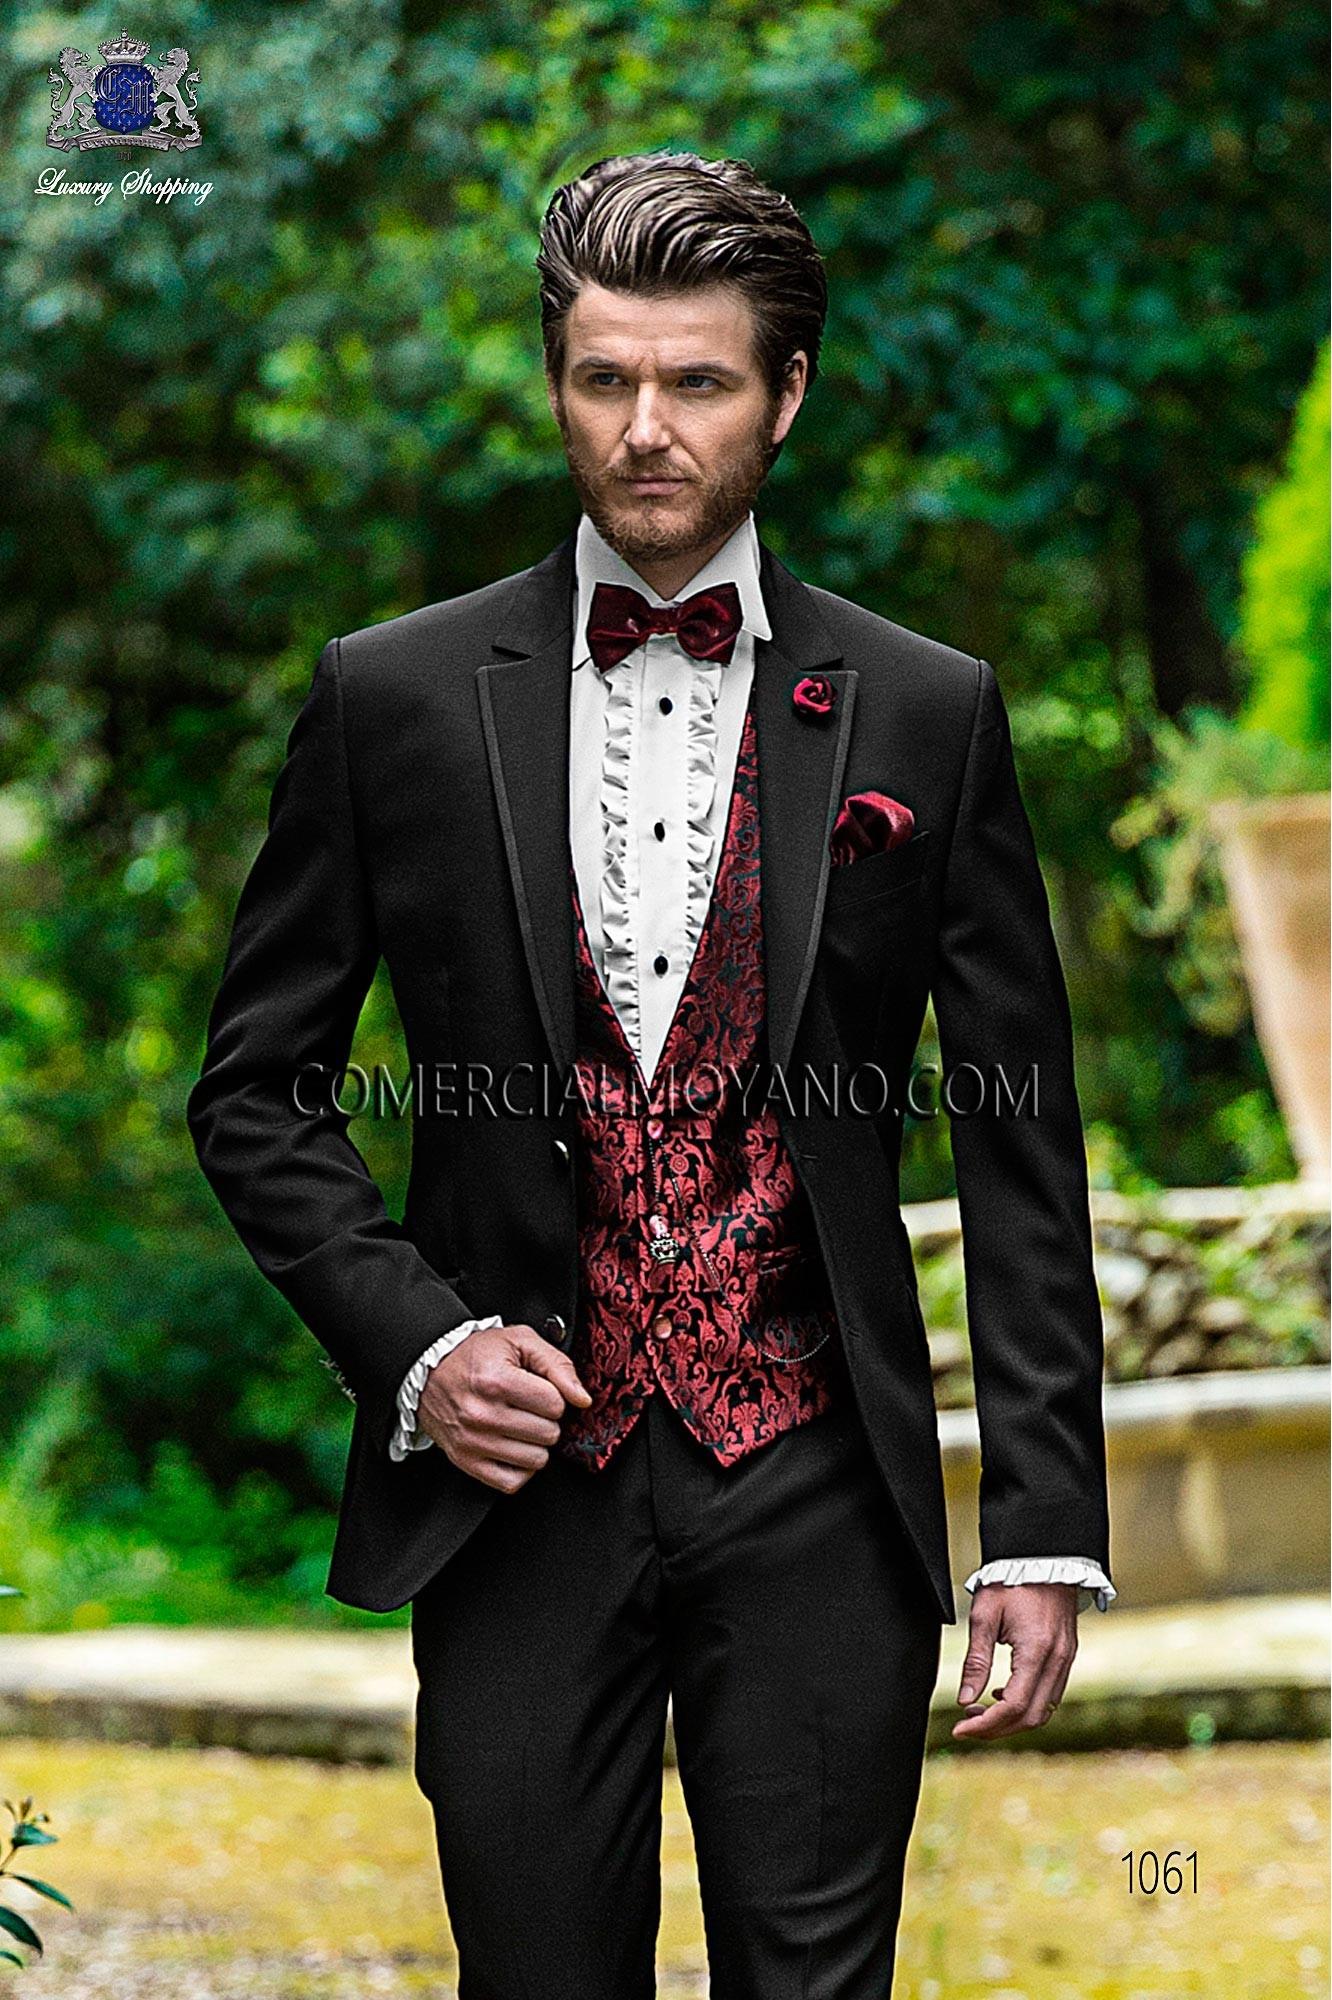 Traje Fashion de novio negro modelo: 1061 Ottavio Nuccio Gala colección Fashion